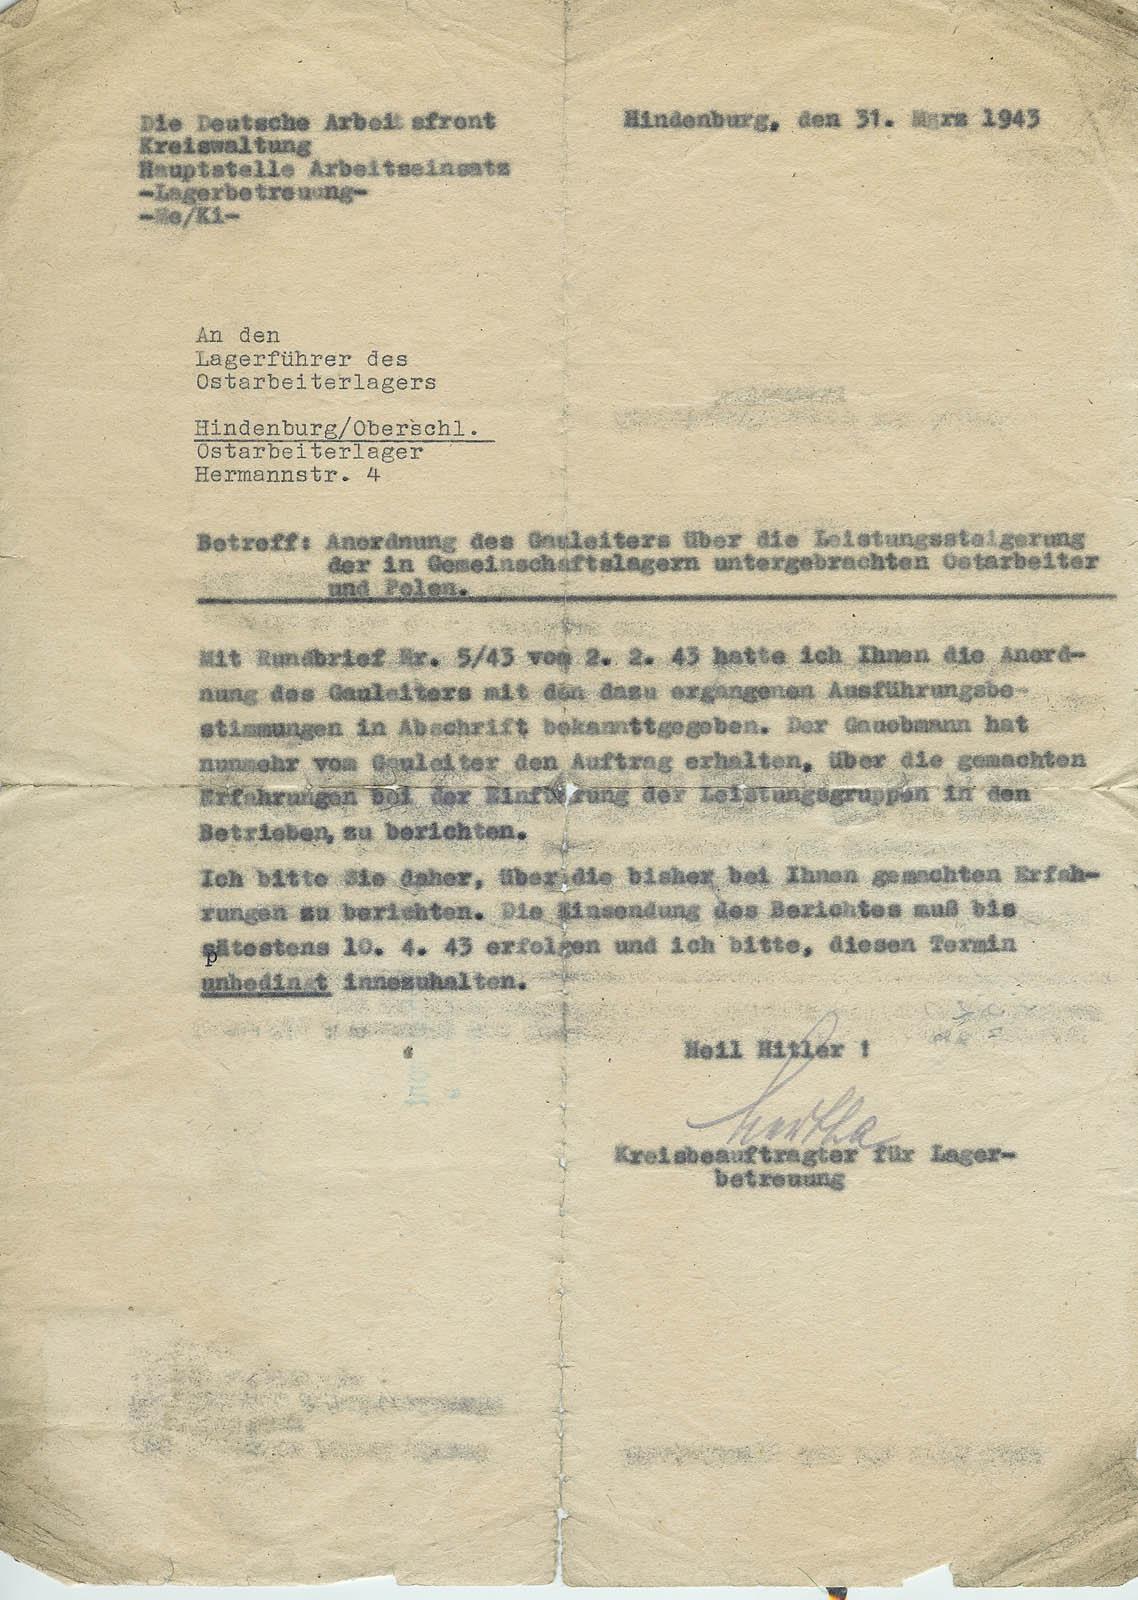 Deutsche Arbeitsfront letter